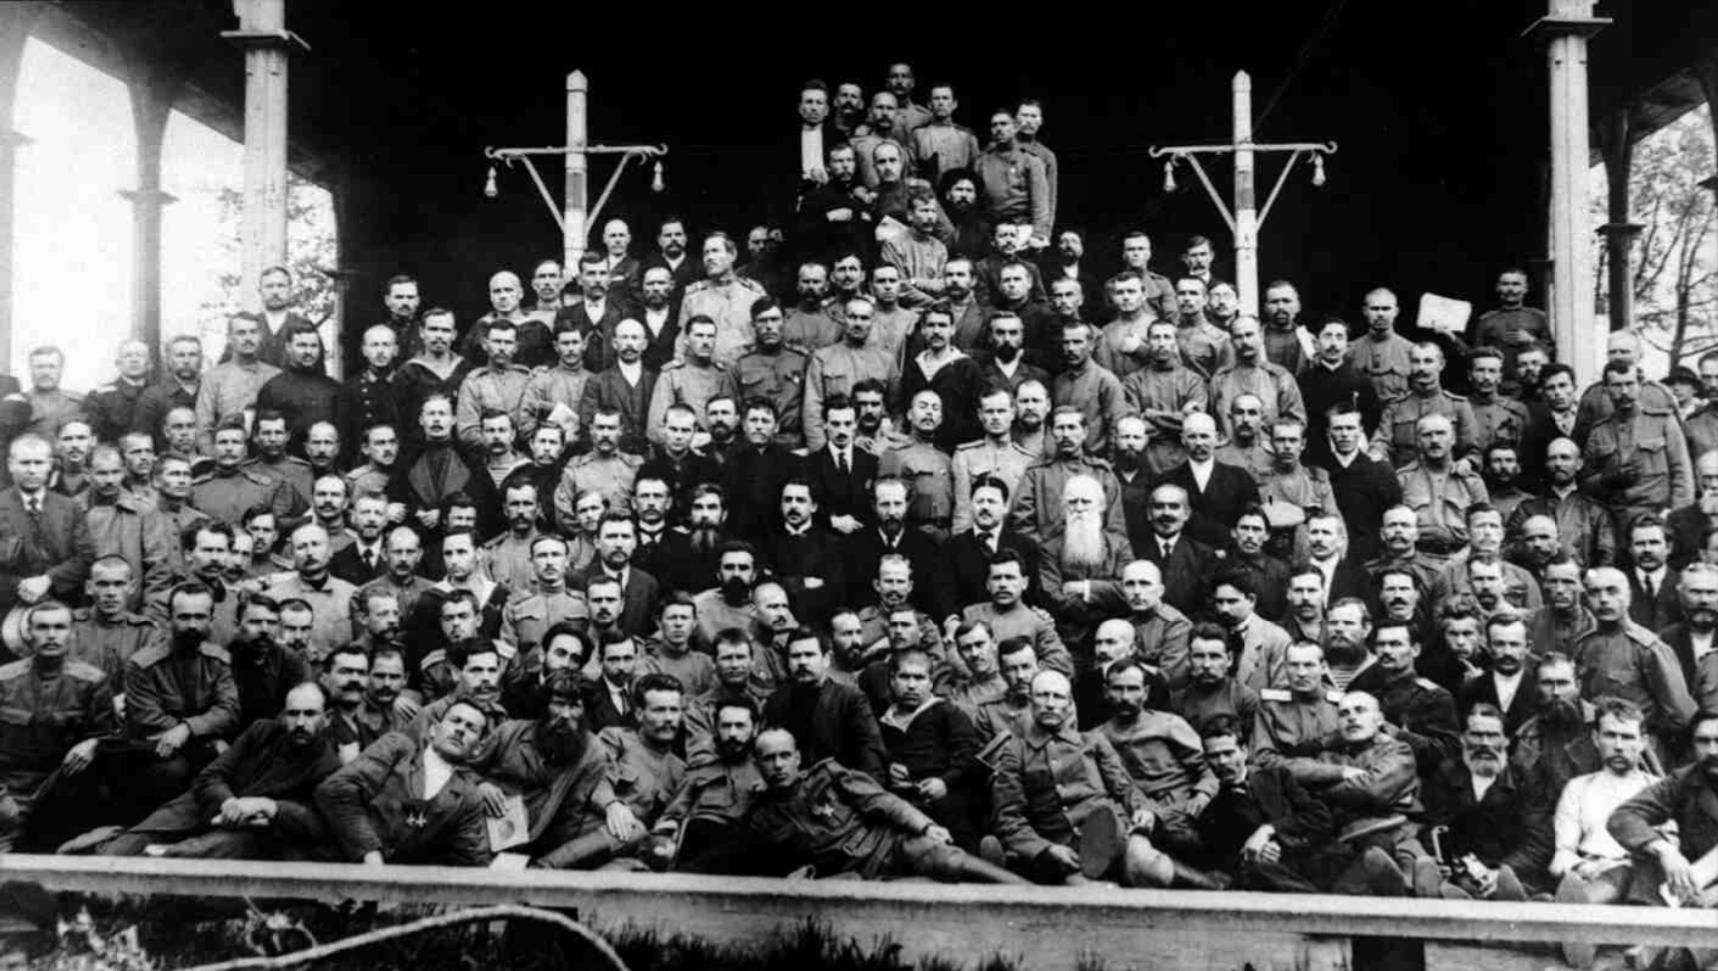 Группа членов Исполнительного организационного комитета Всероссийского съезда крестьянских депутатов. Петроград,  4(17) мая - 28 мая (10 июня) 1917